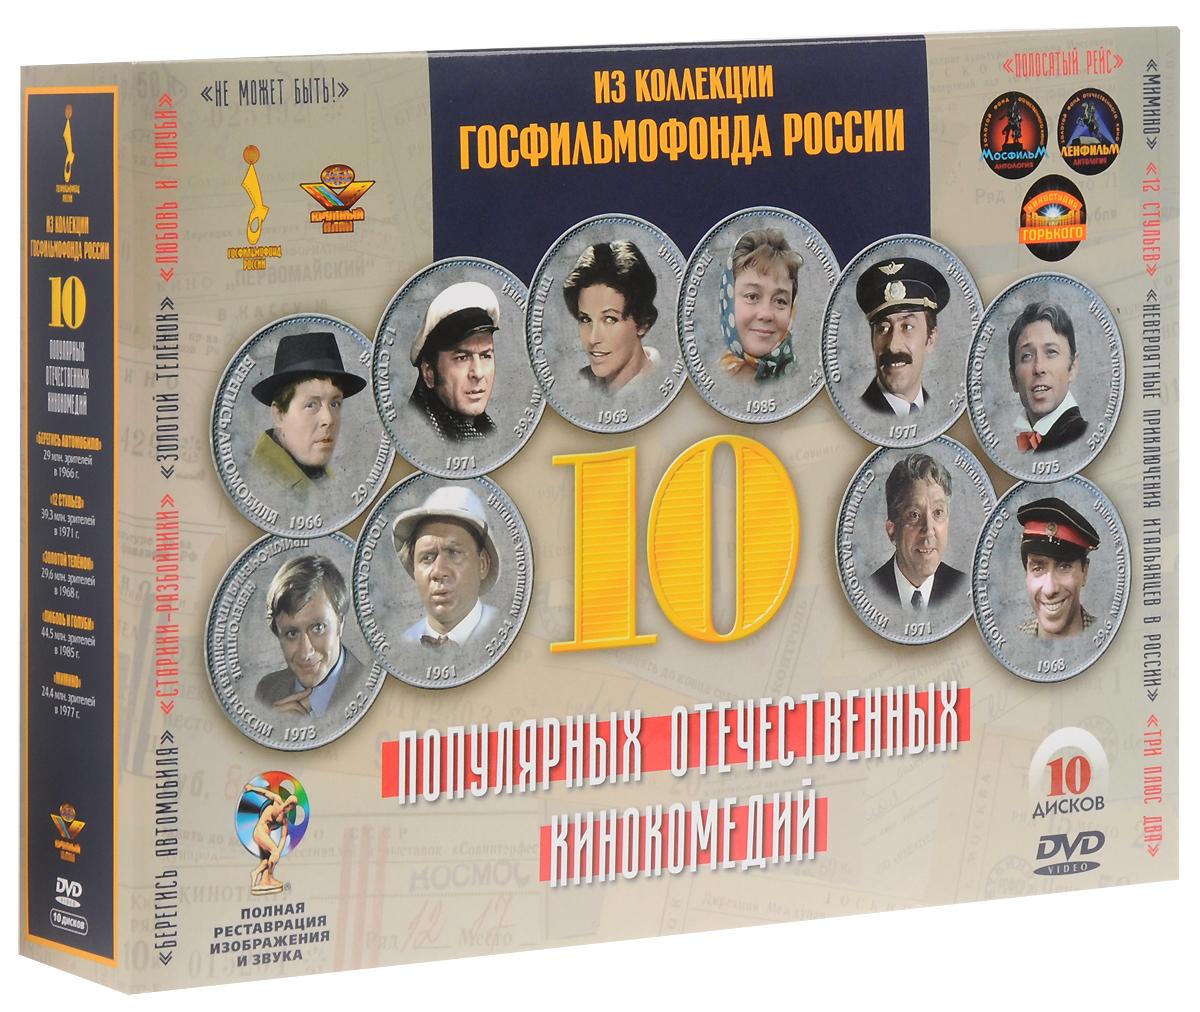 10 популярных отечественных кинокомедий (10 DVD)